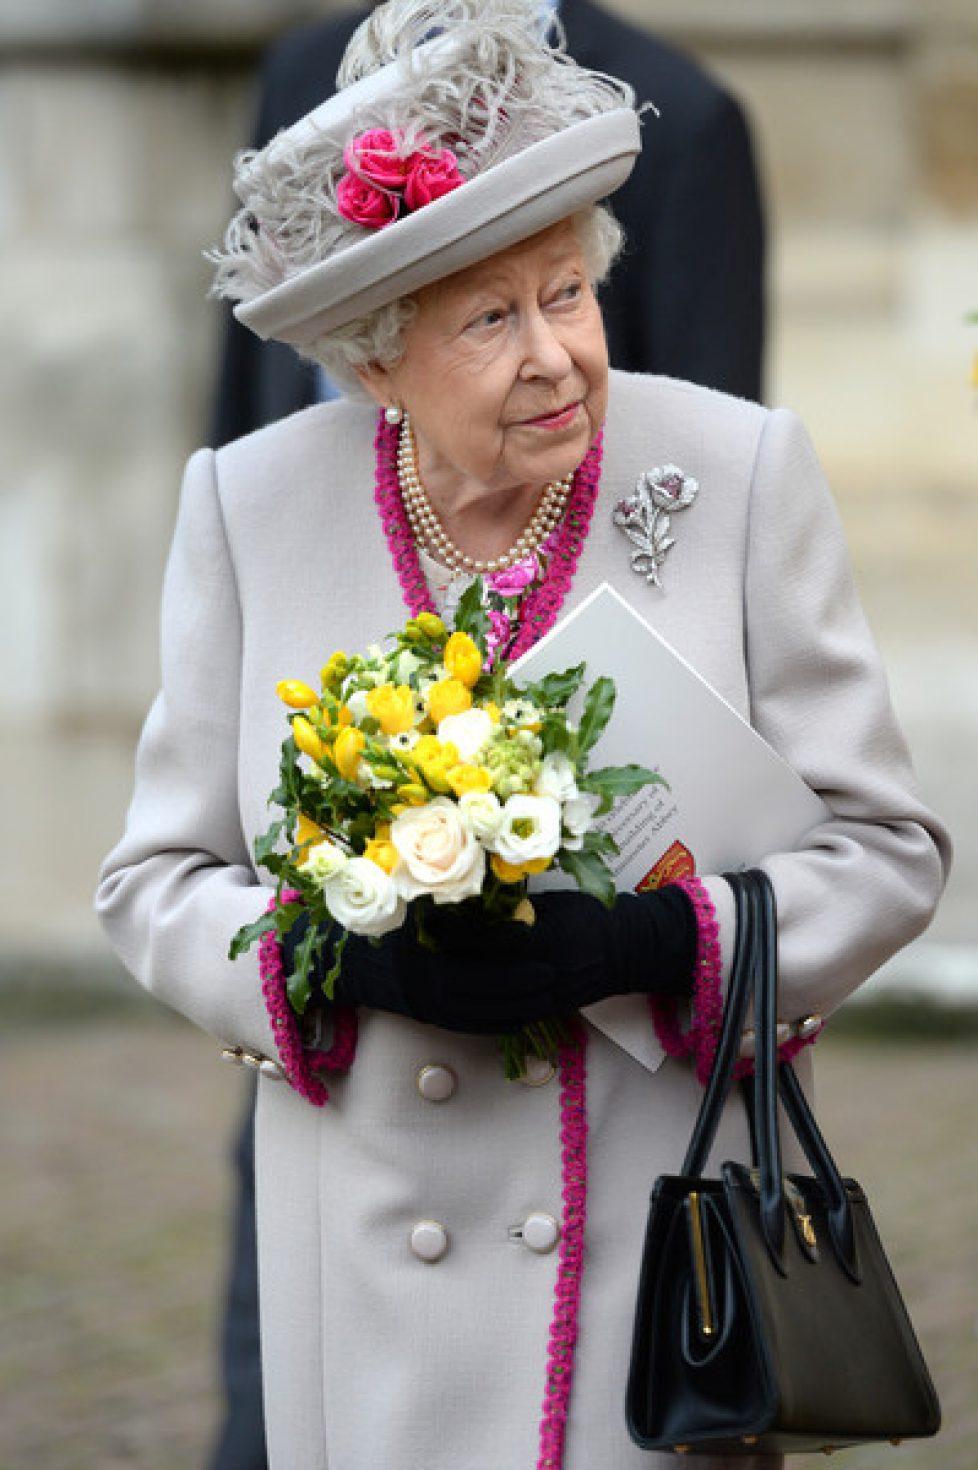 Queen+Duchess+Cornwall+Attend+Service+Marking+fyMUFEYP-l3l